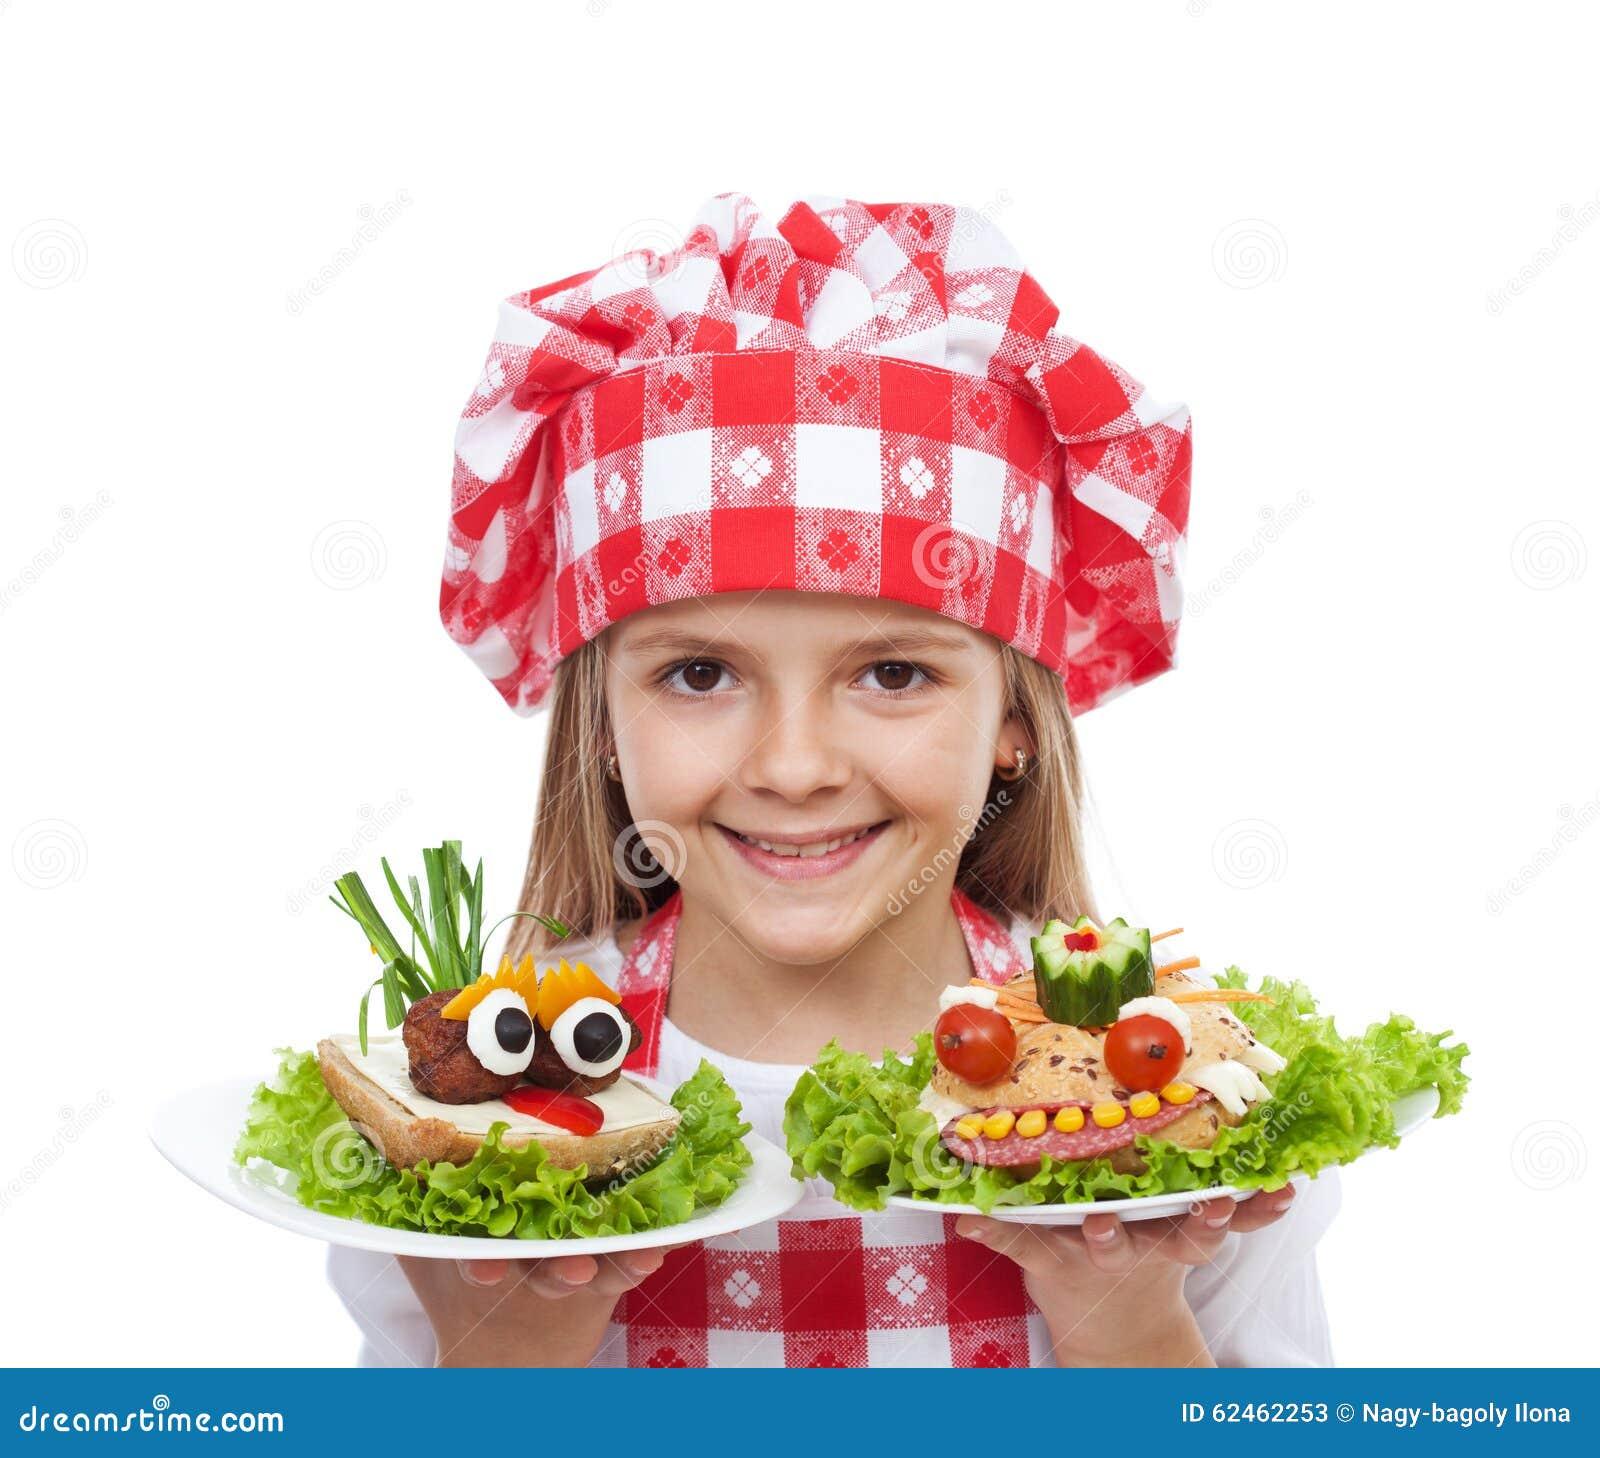 Cozinheiro chefe feliz da menina com sanduíches criativos